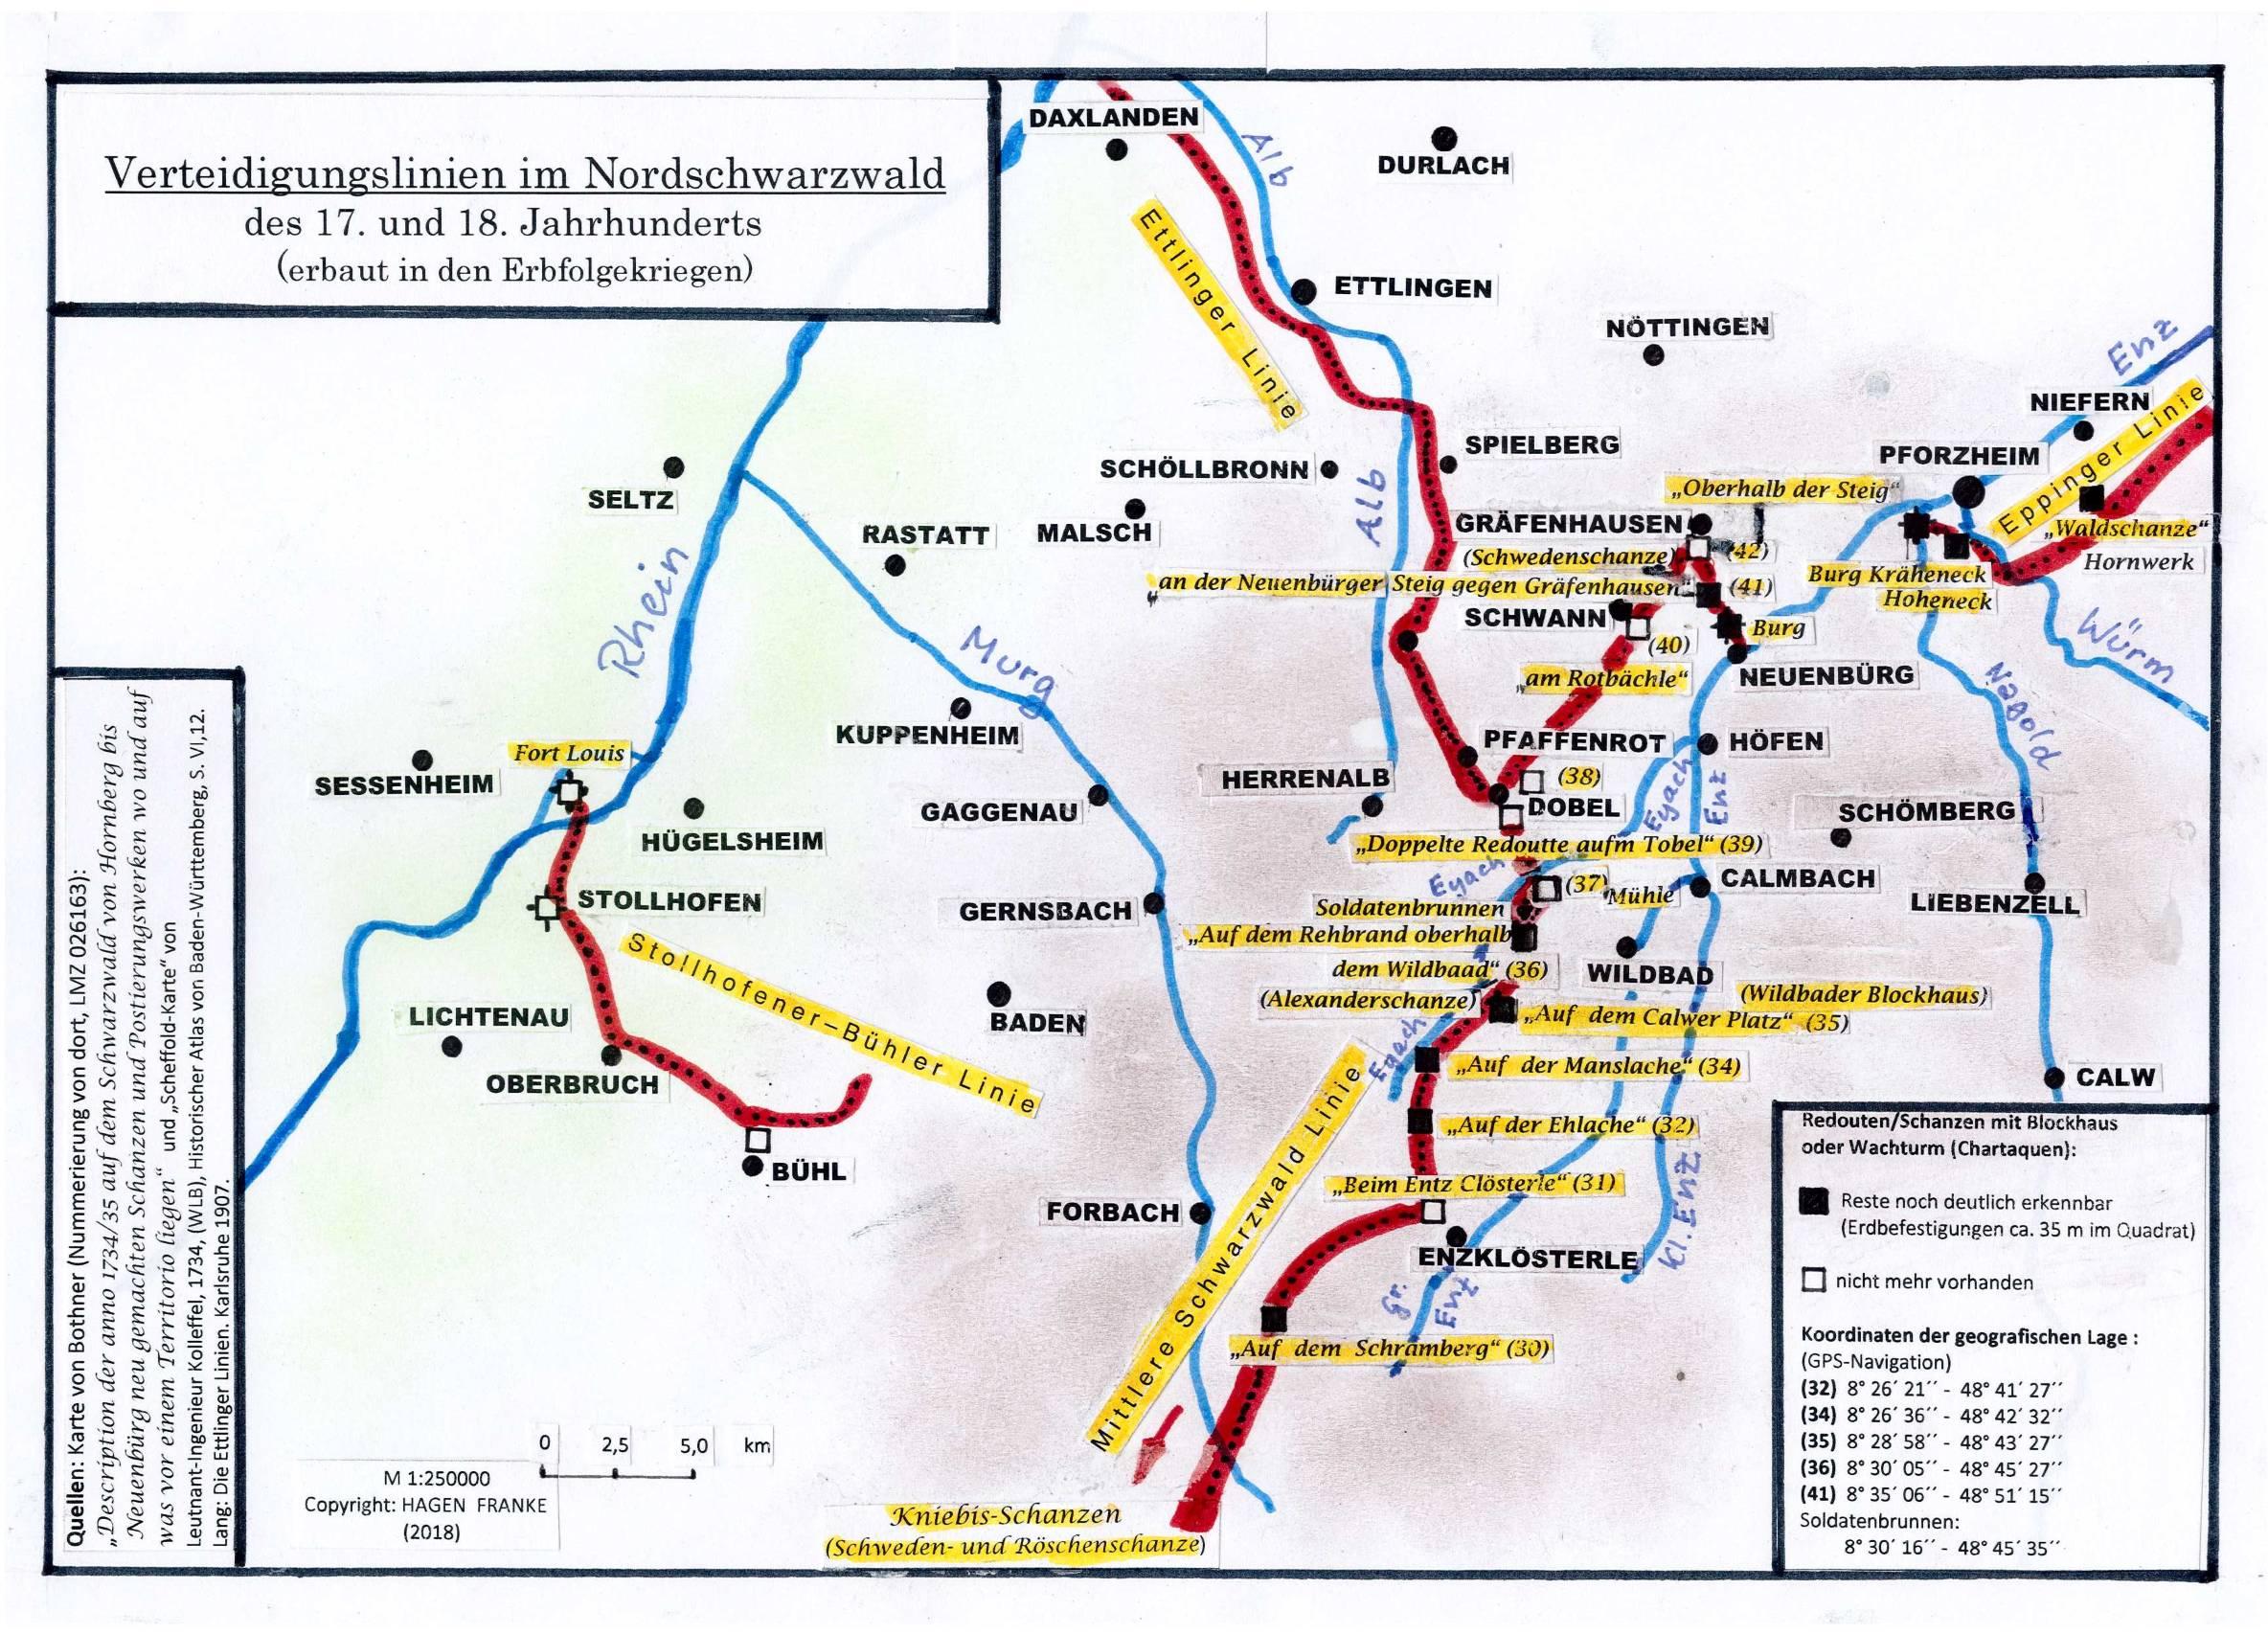 Schlachtfelder Des 2 Weltkriegs Karte.Verteidigungslinien Im Nordschwarzwald Erbfolgekriege